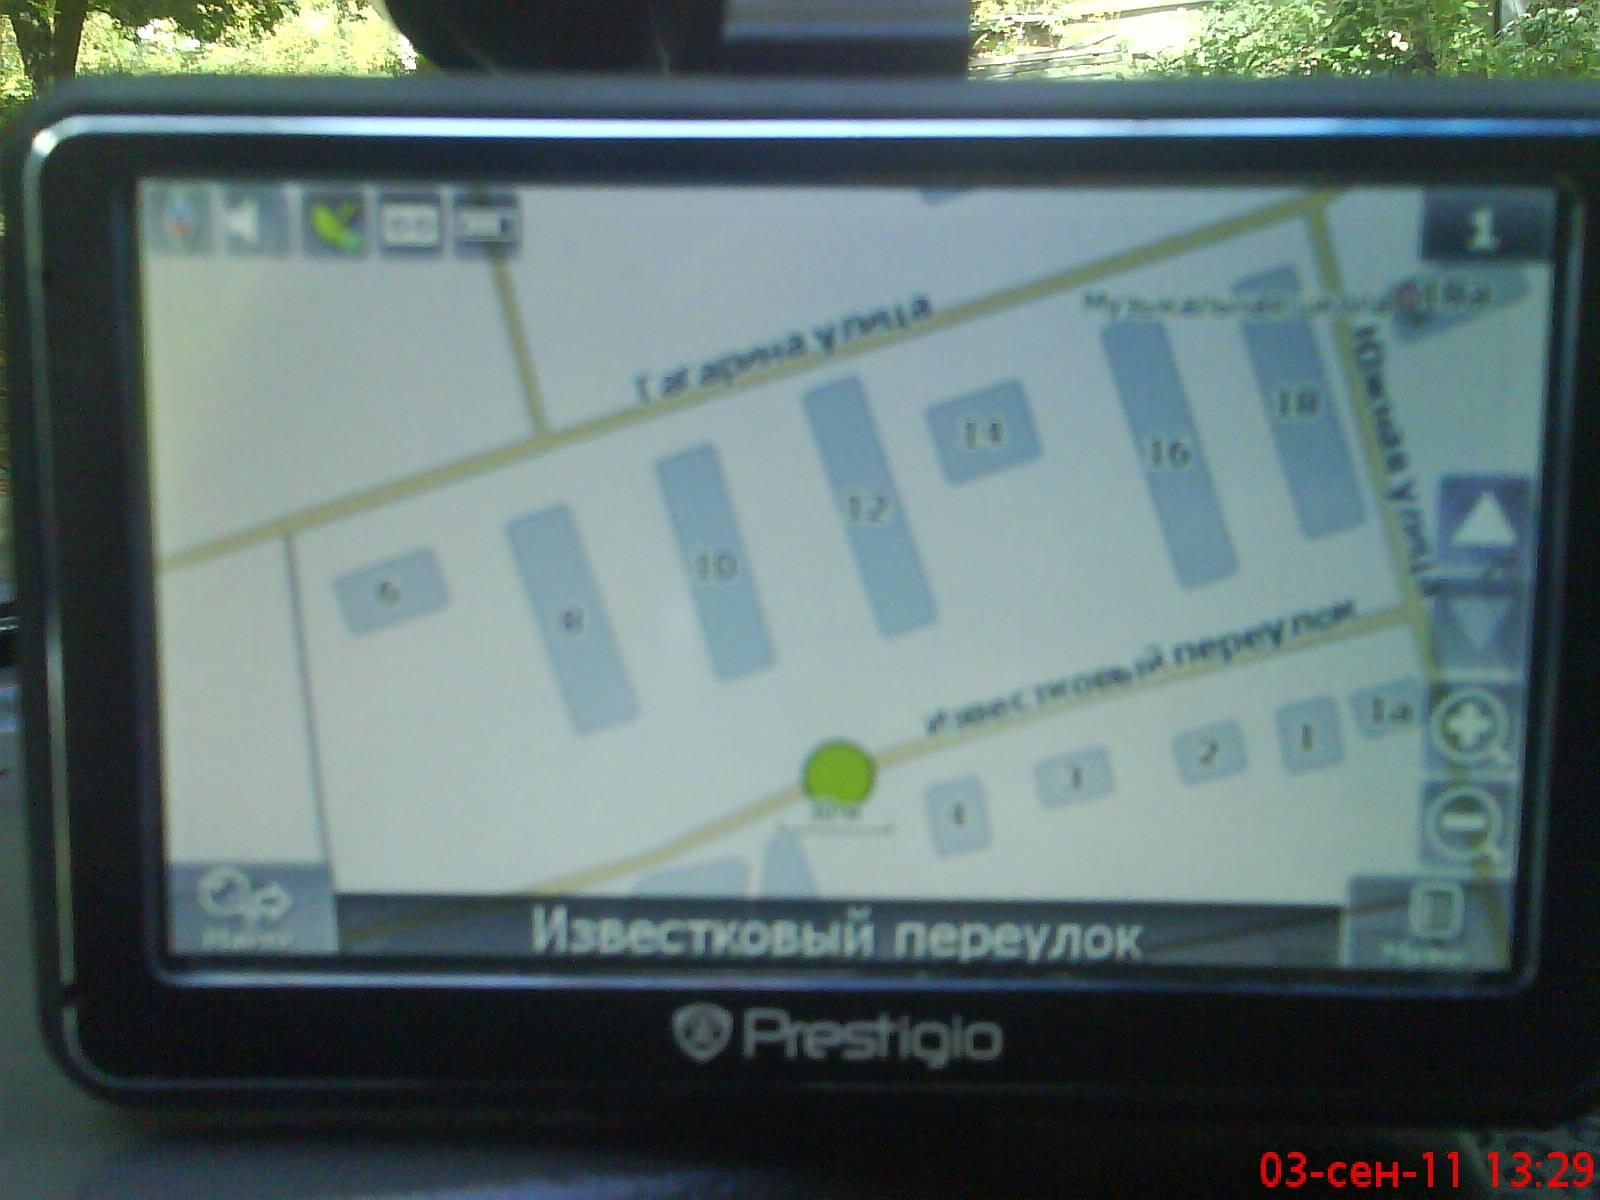 geovision программа для видеонаблюдения скачать